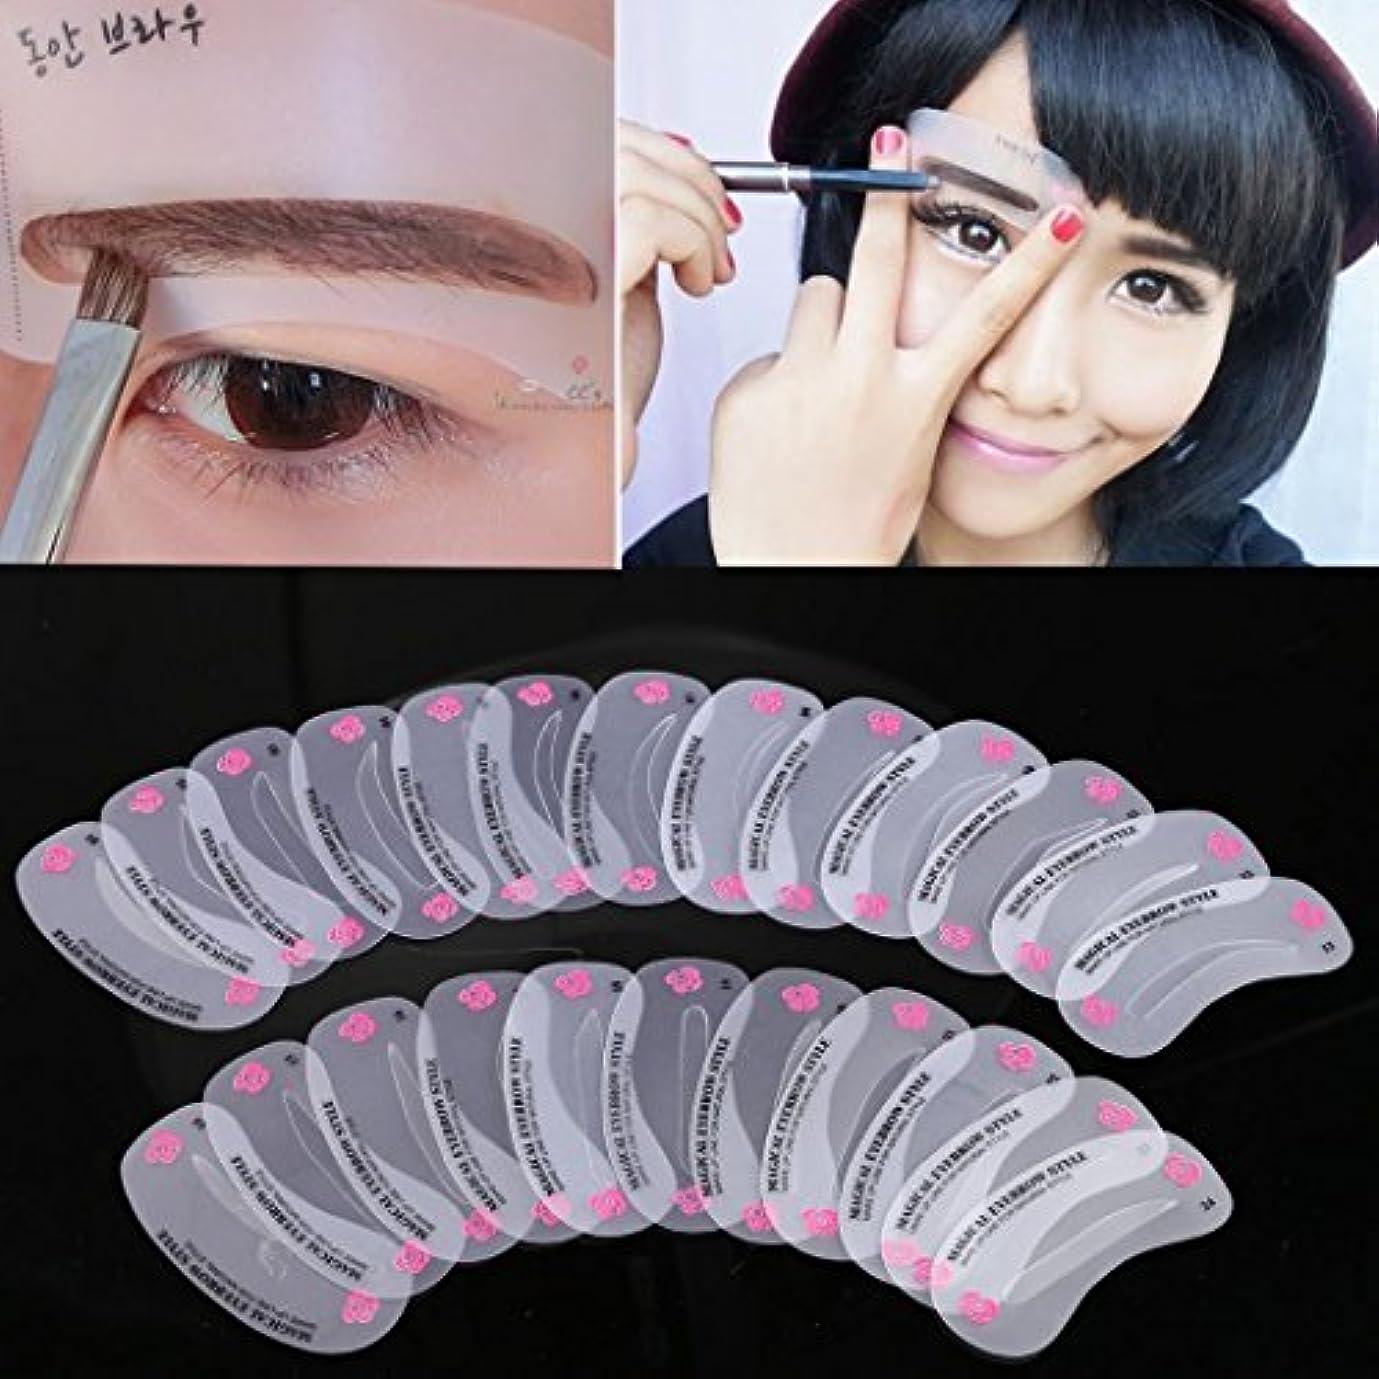 興奮サンドイッチ戦略24のスタイル?ステンシル化粧キット眉毛グルーミングセットを形づくっている異なる眉シェーパー